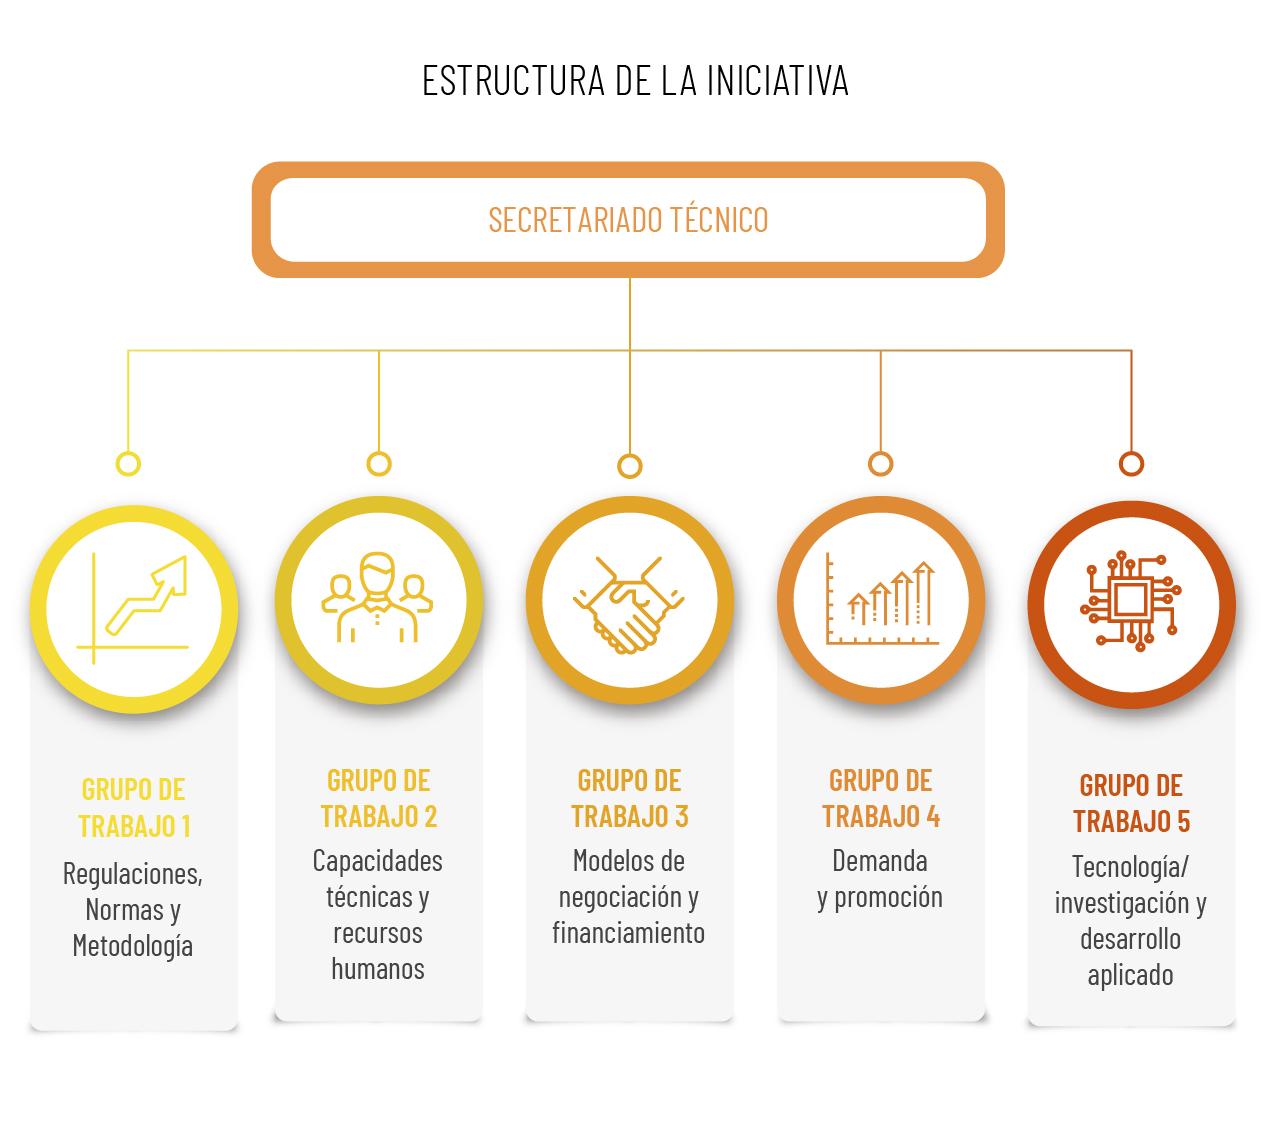 Calor_Solar_5Estructura-de-la-iniciativa_1